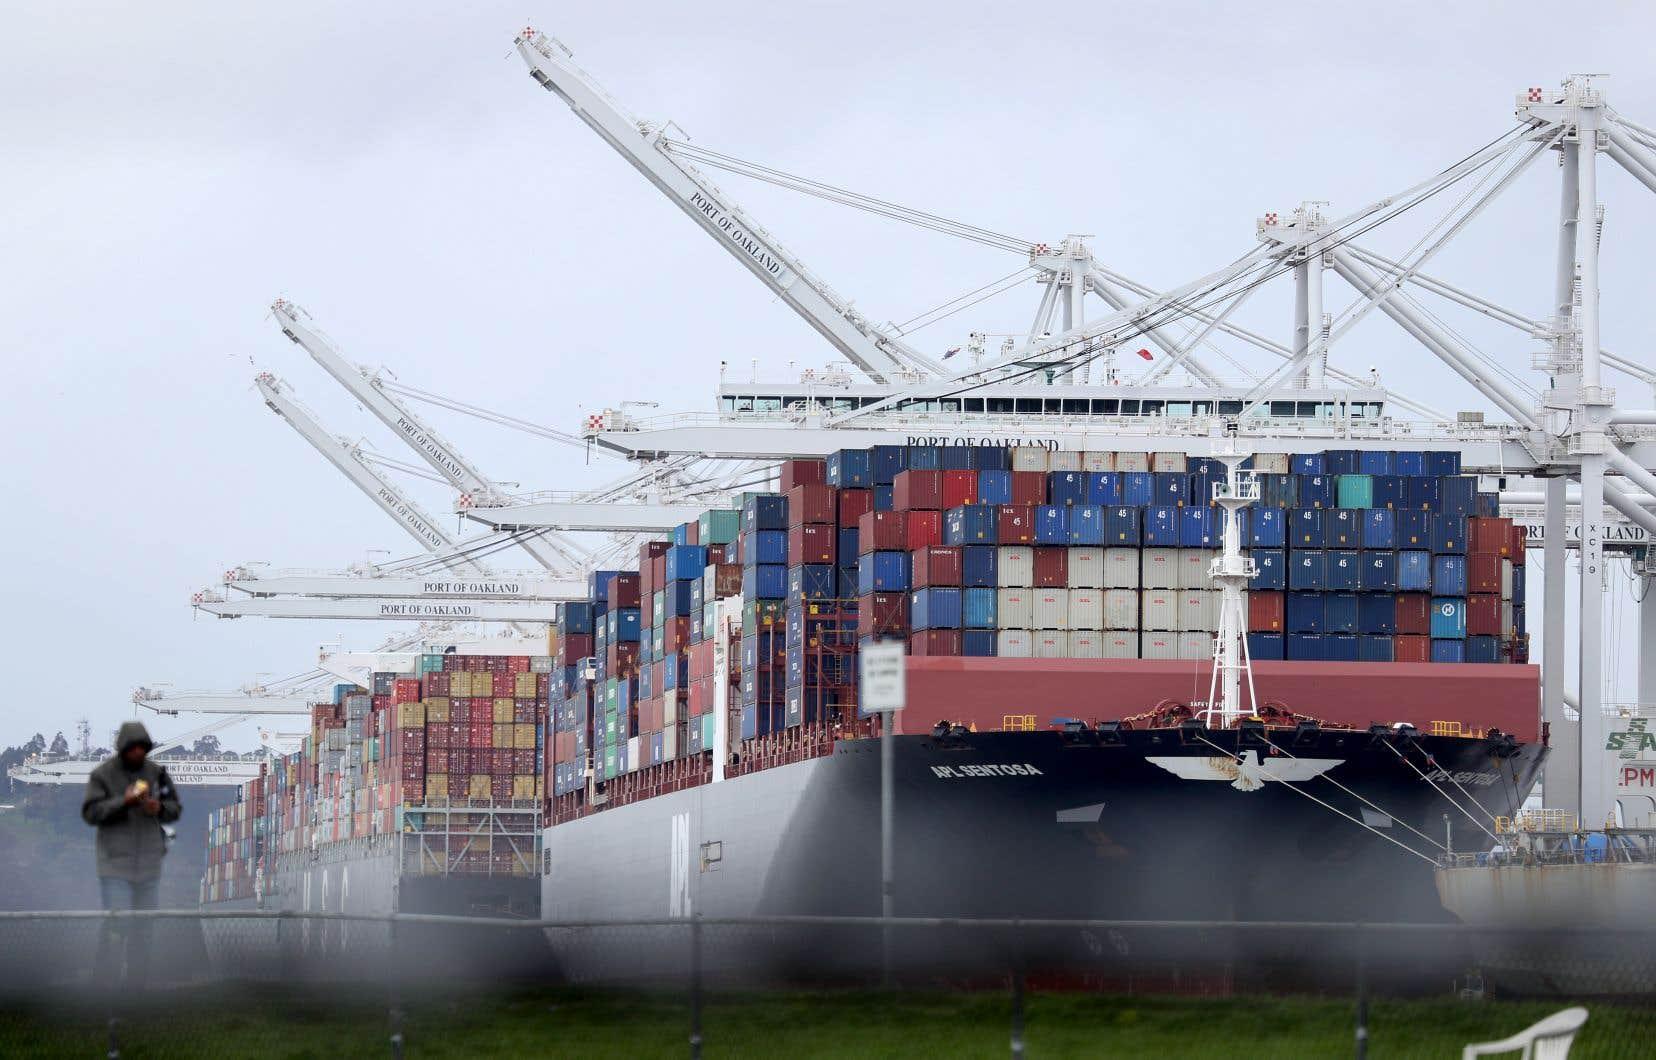 À la suite de tarifs douaniers adoptés notamment par les États-Unis, le commerce mondial a déjà «fortement ralenti» et «les nouvelles commandes mesurées dans de nombreux pays continuent à décliner», note l'OCDE.